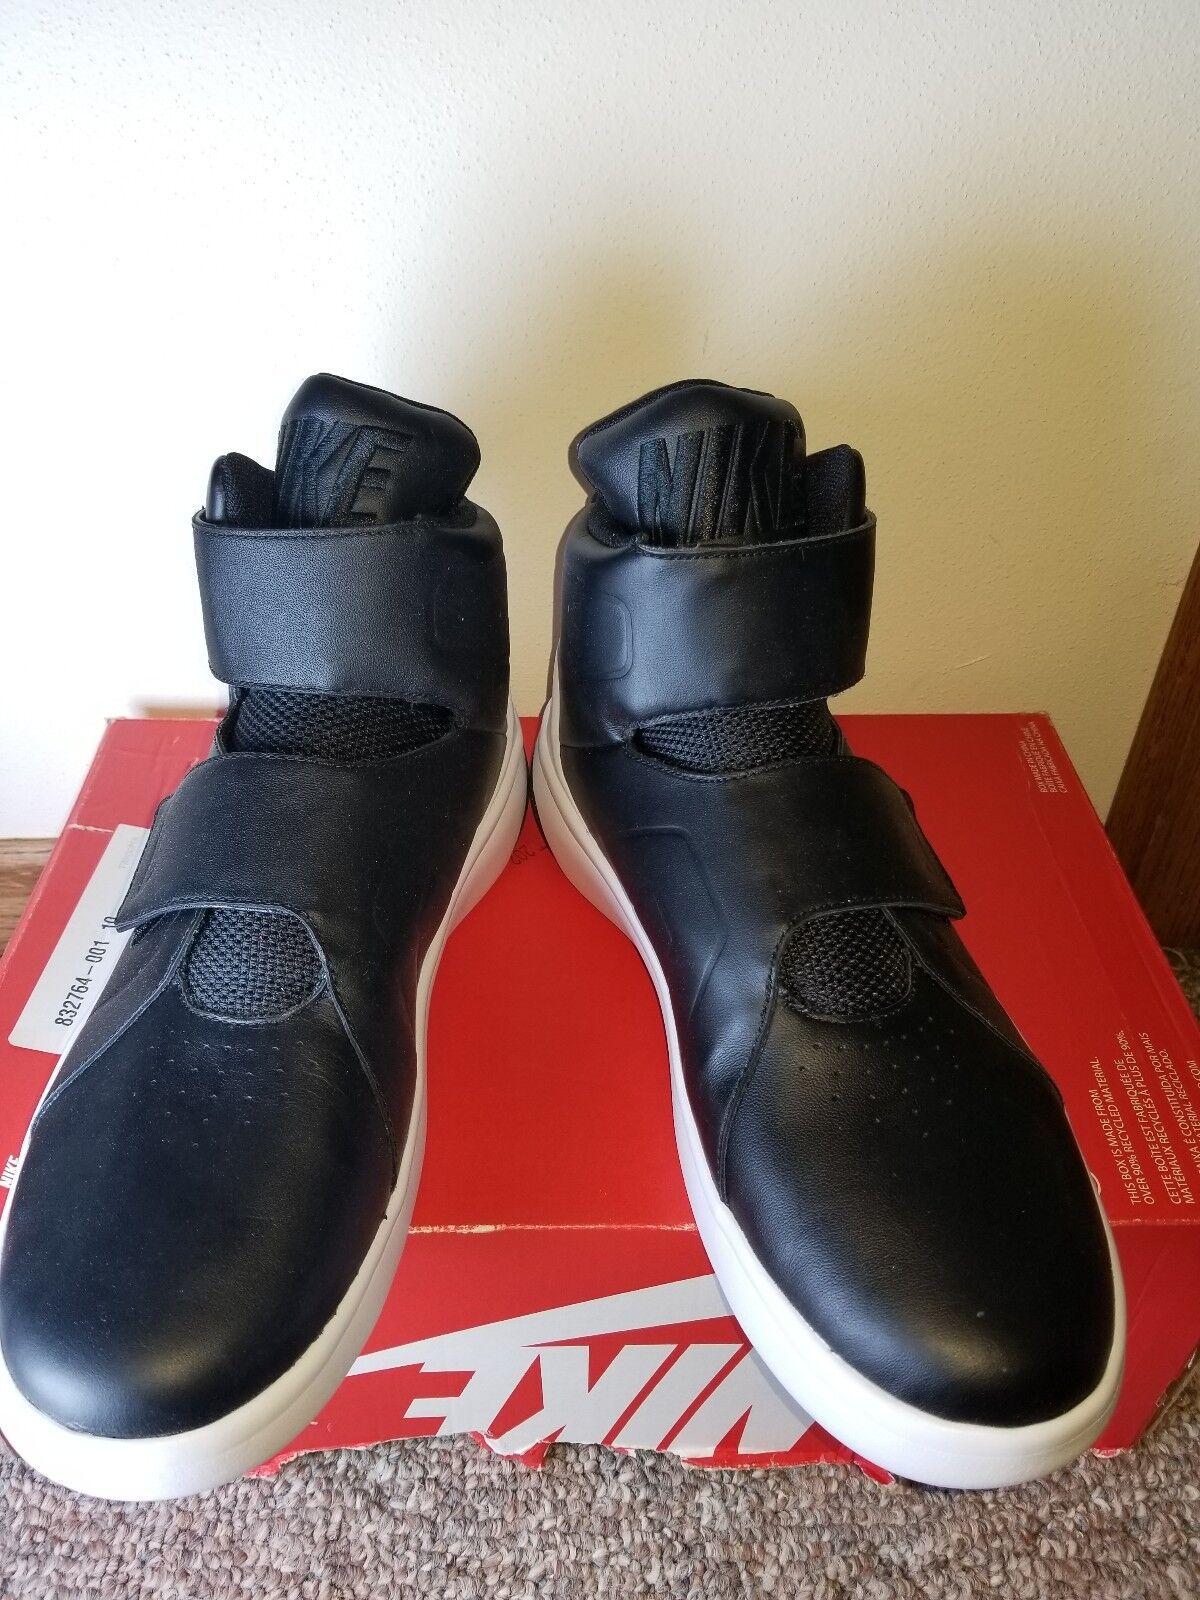 Nike  Marxman Men's Basketball Shoes Size 10  BLACK/WHITE  (832764-001)